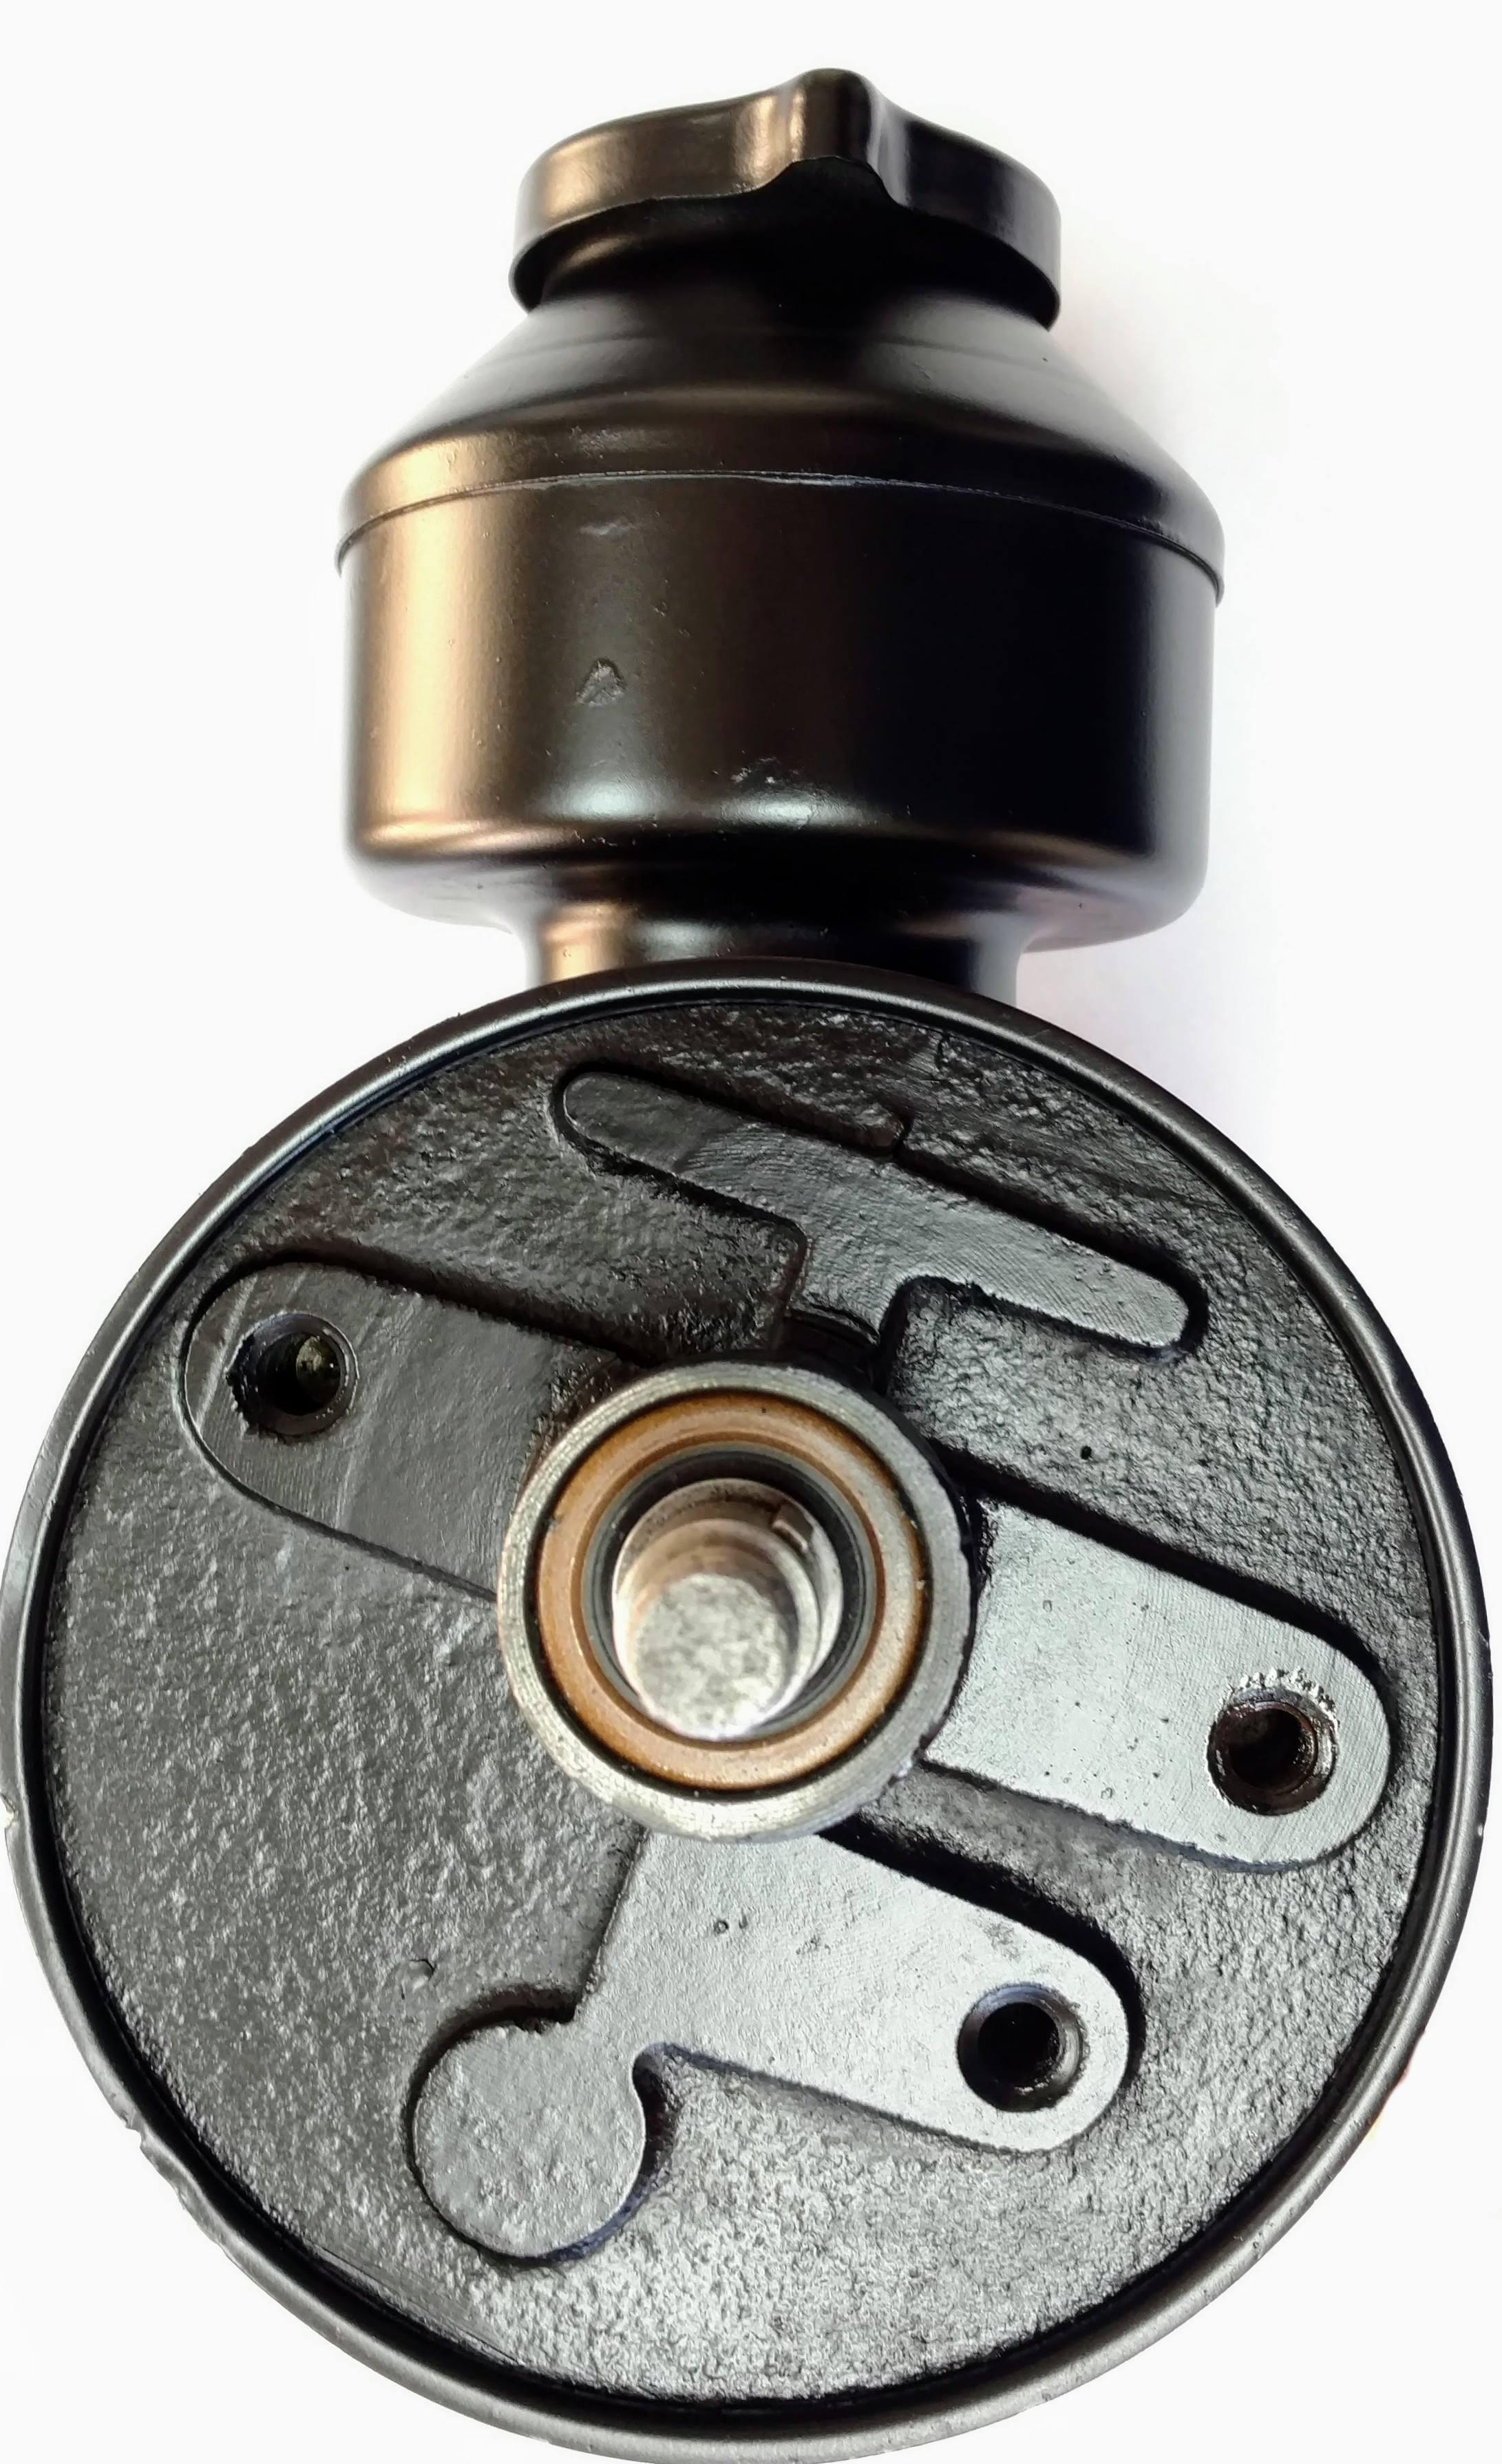 Saginaw medium duty pump